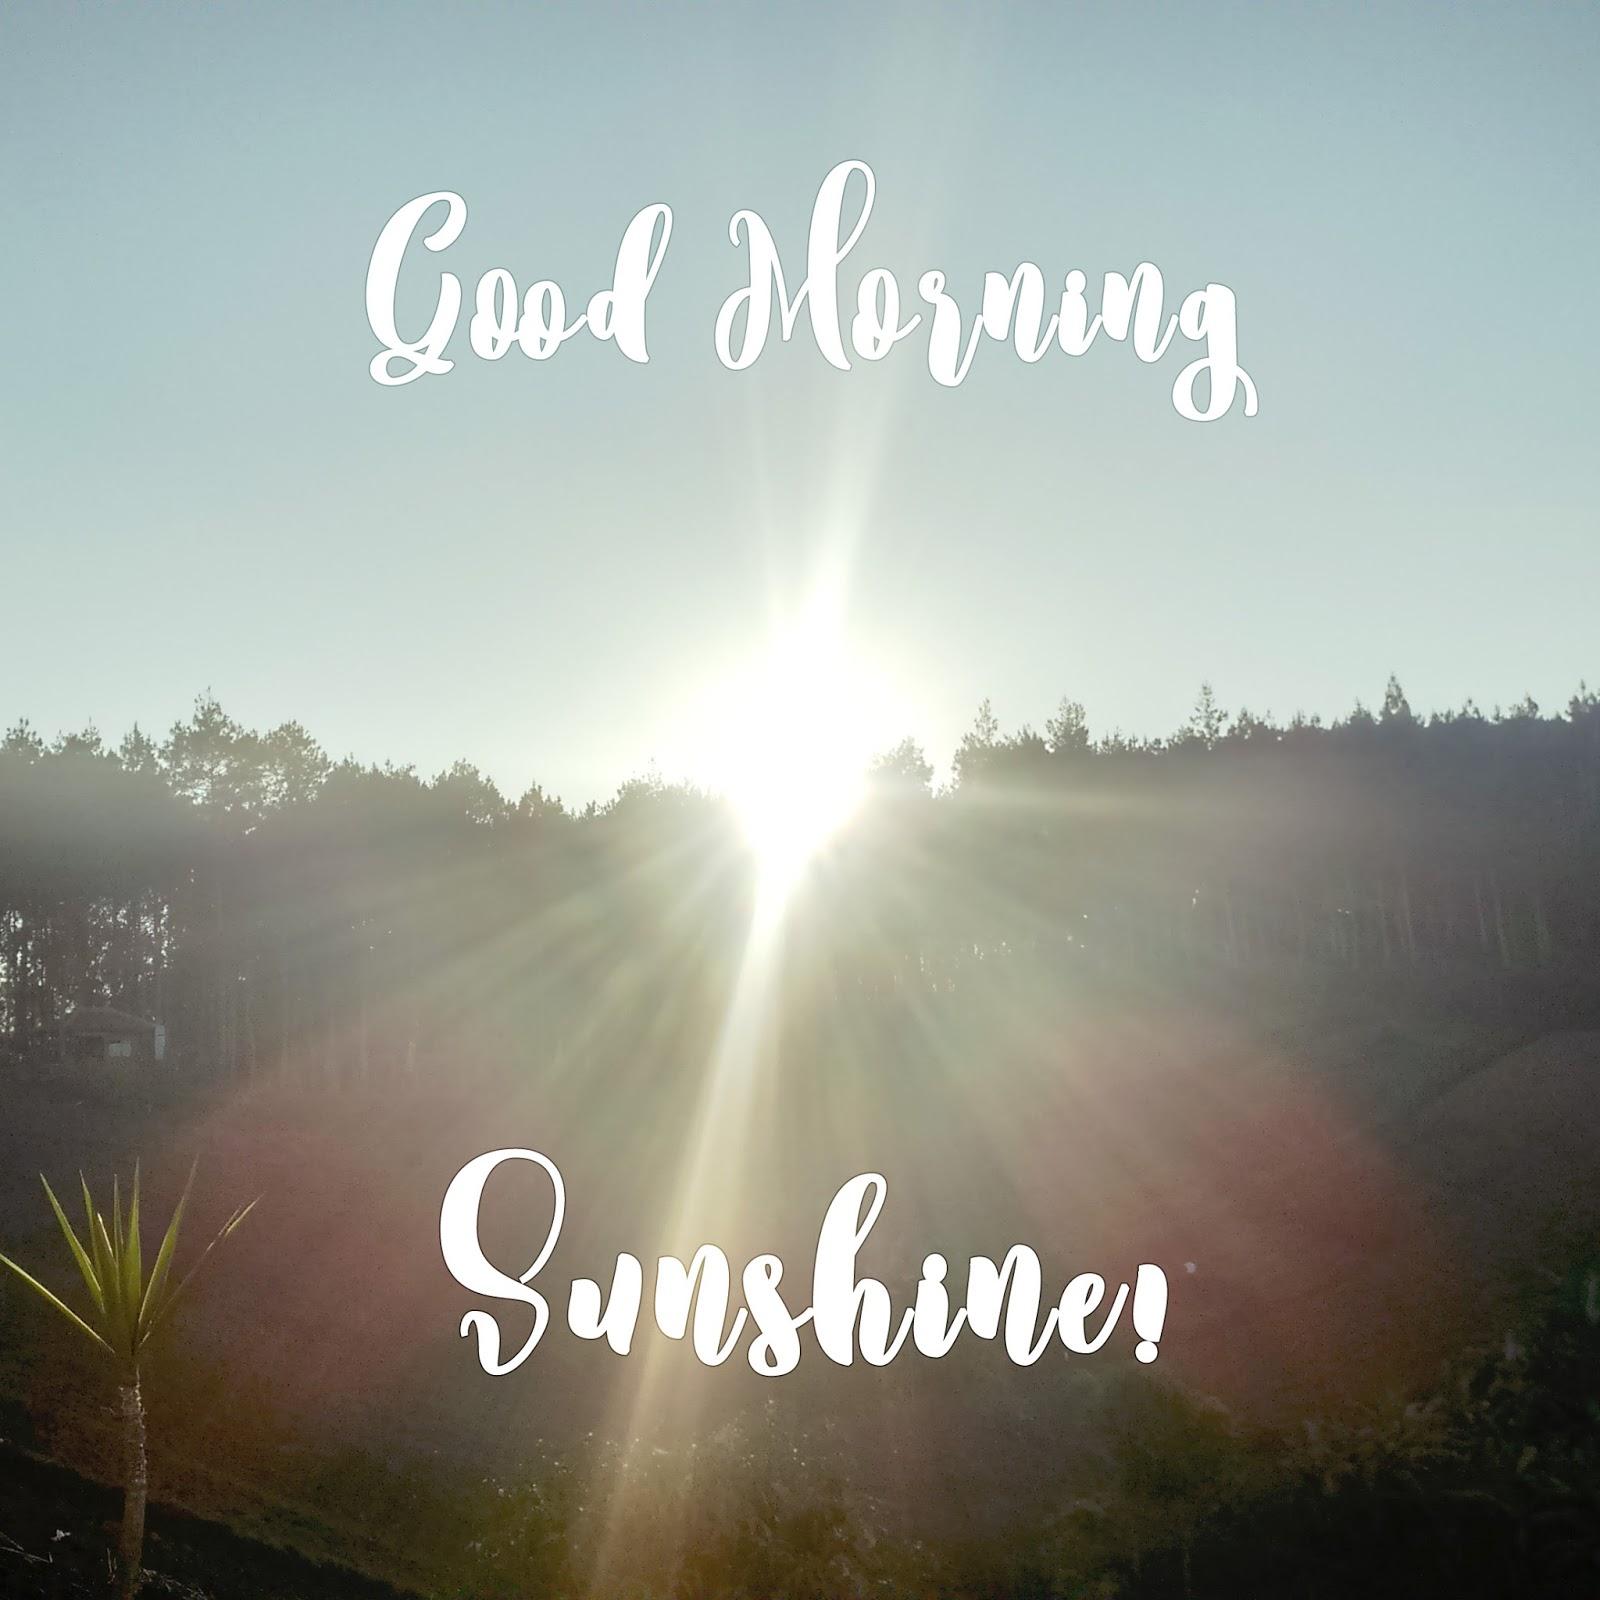 Motto Nolla #46 - Bangun Pagi